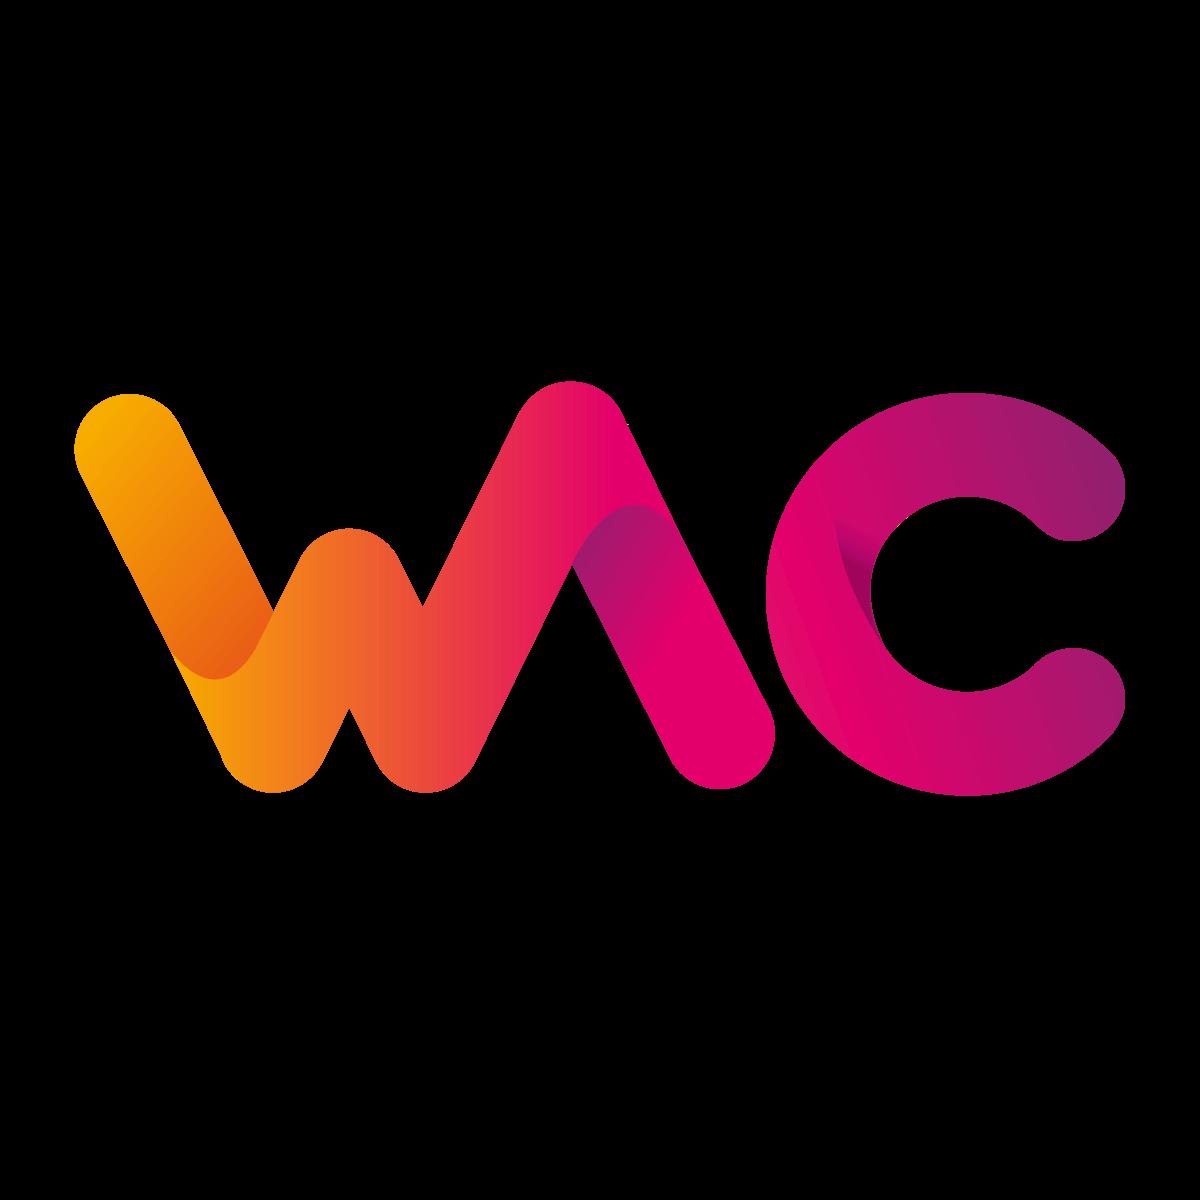 WAC - We Are Creative